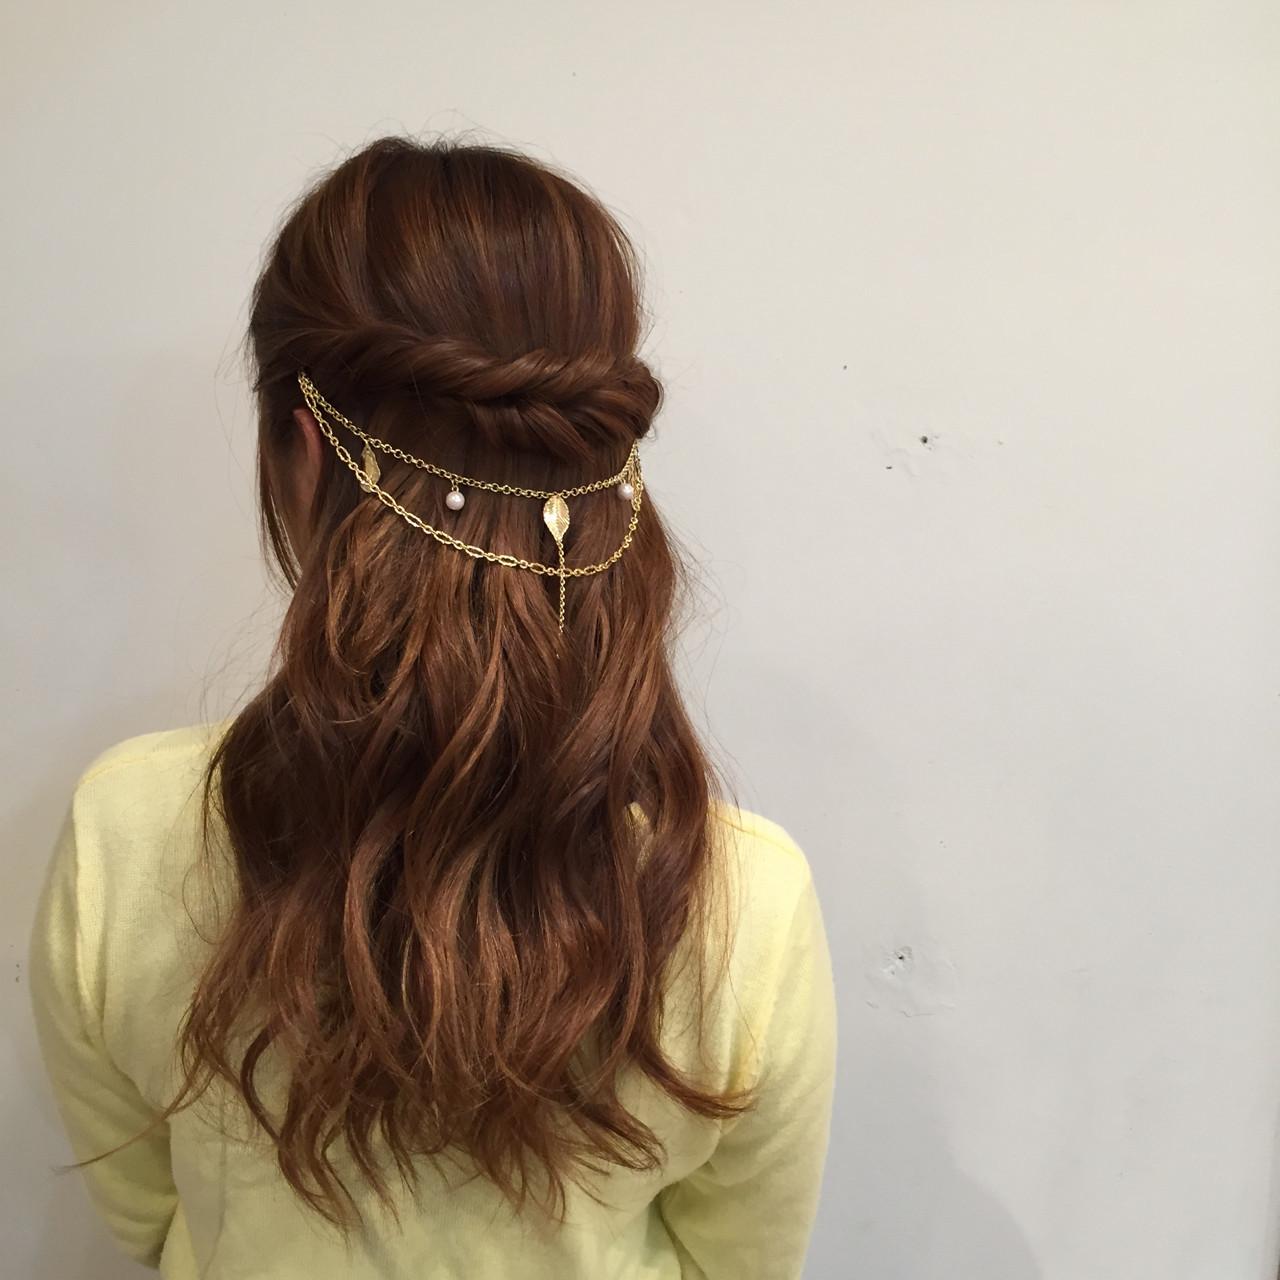 大人かわいい ハーフアップ セミロング 抜け感 ヘアスタイルや髪型の写真・画像